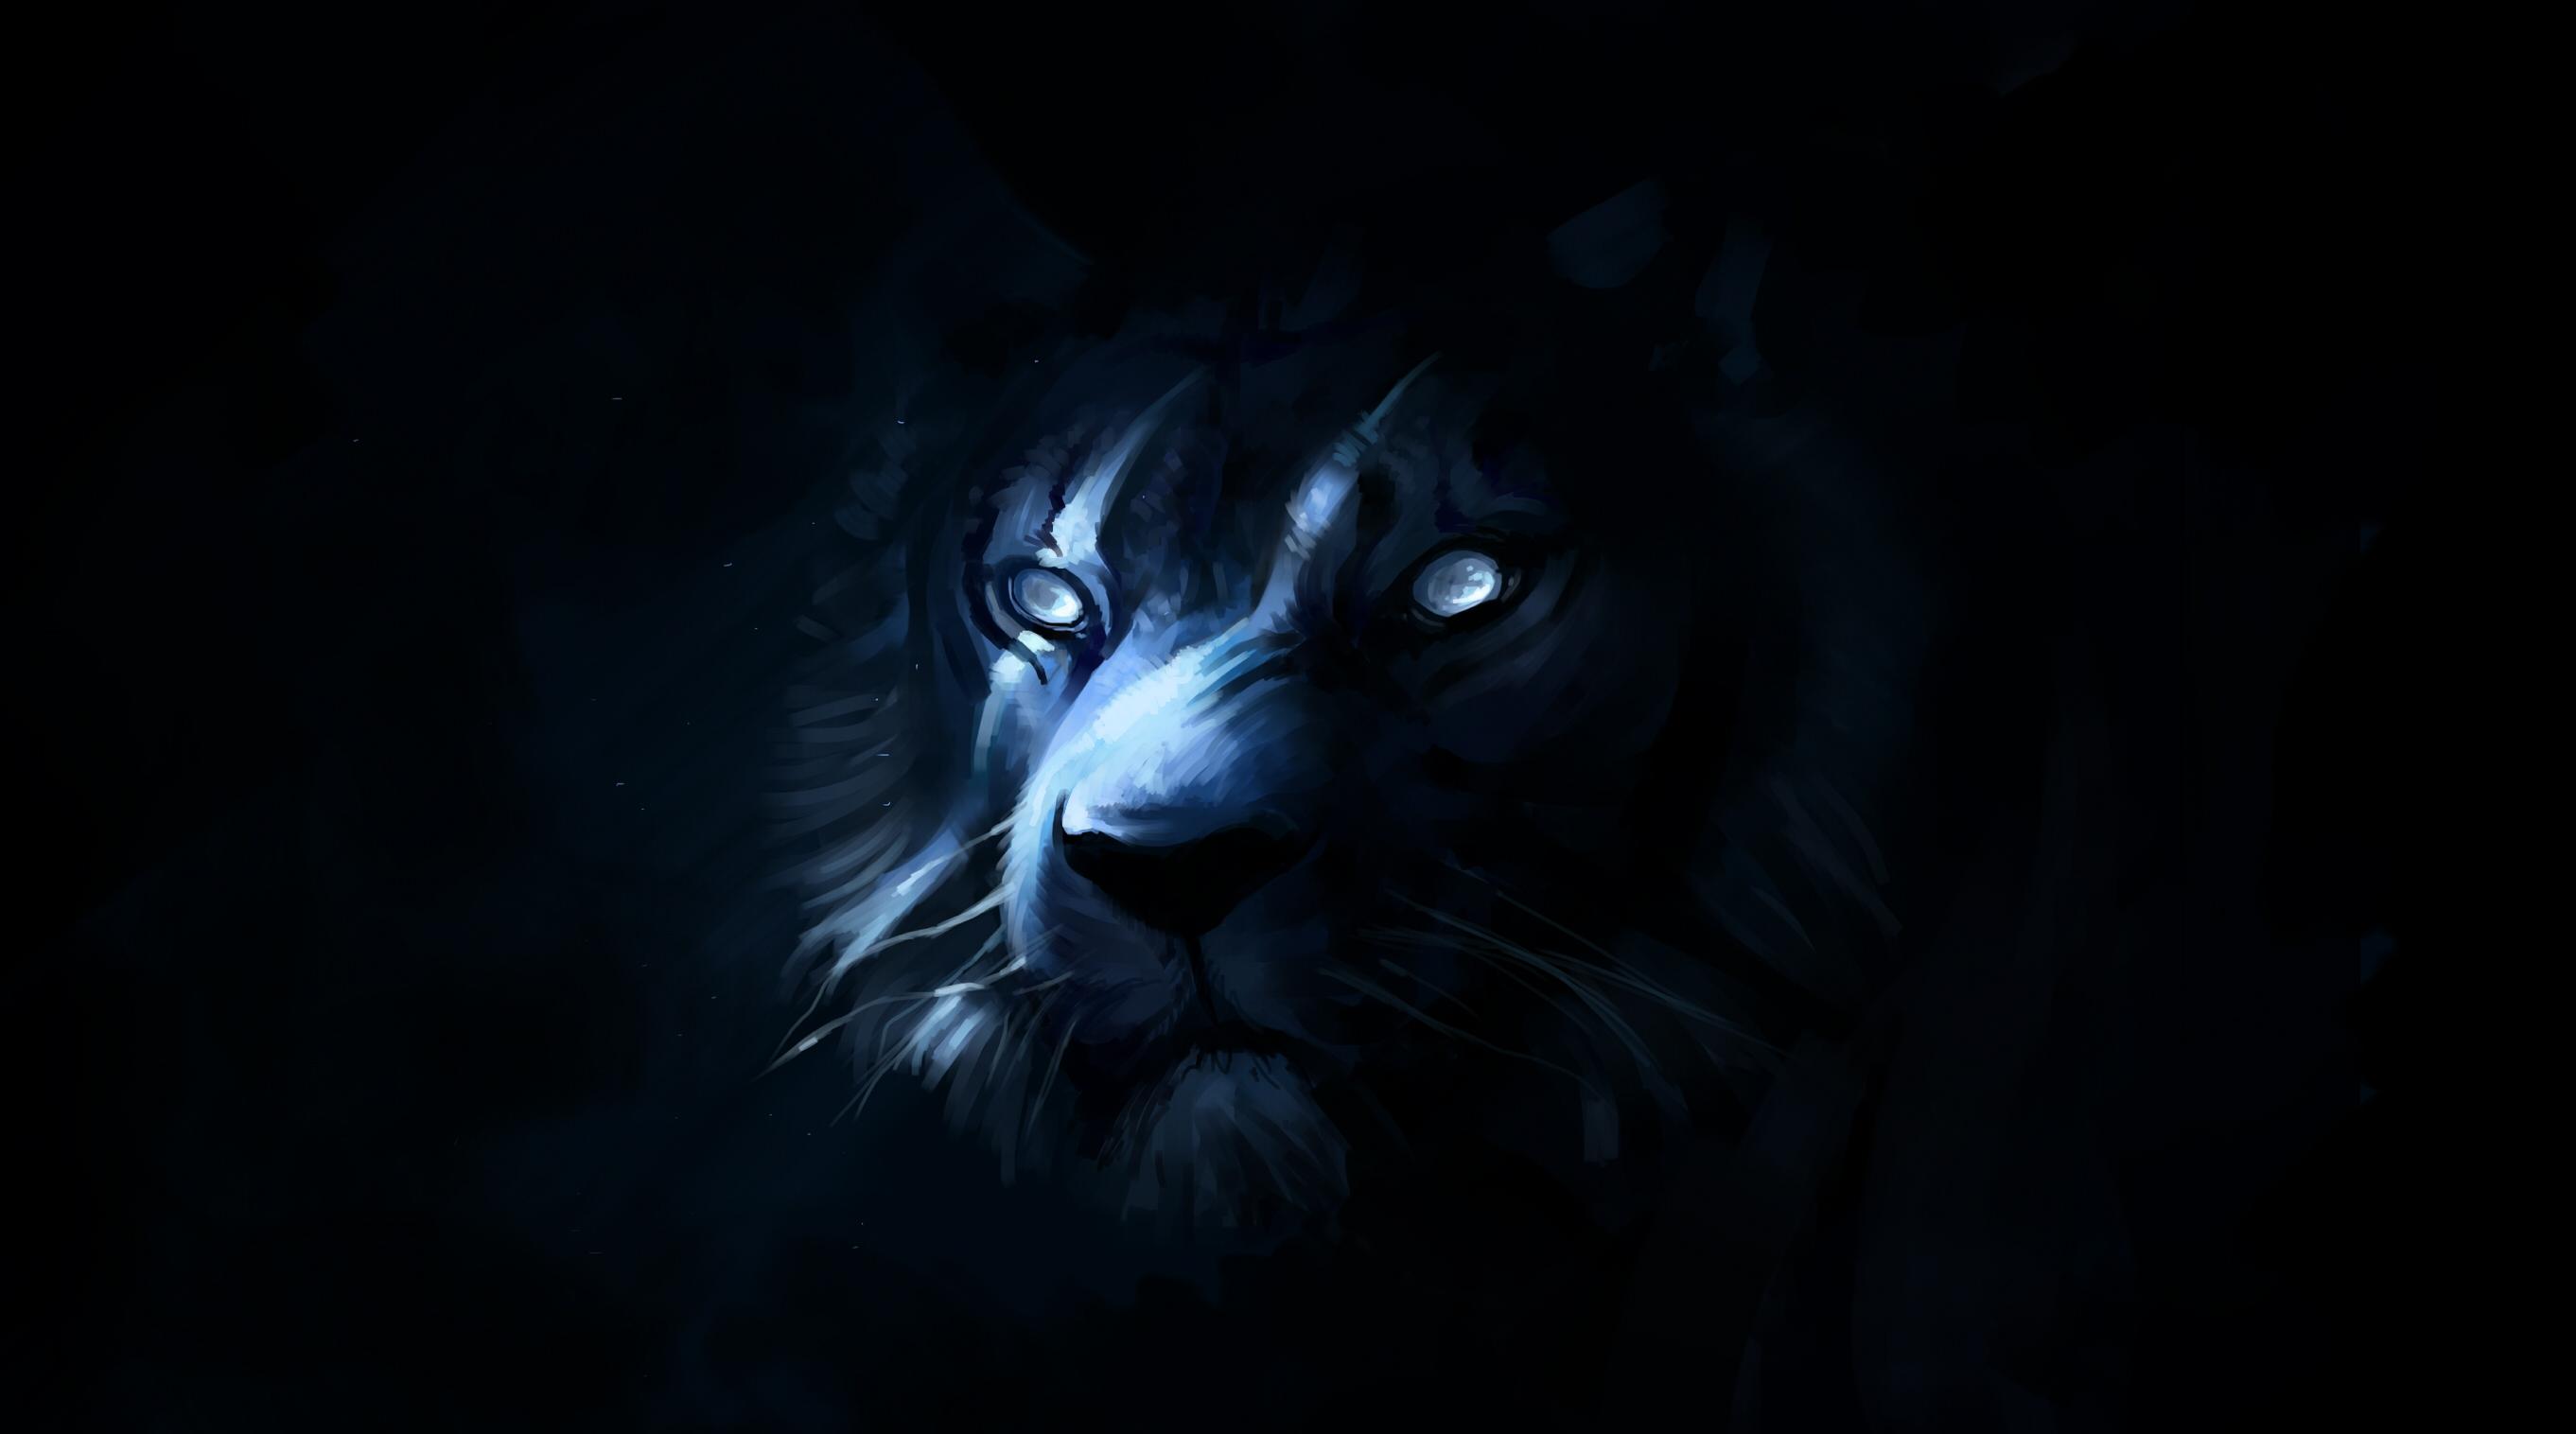 Black Tiger Images Hd Wallpaper